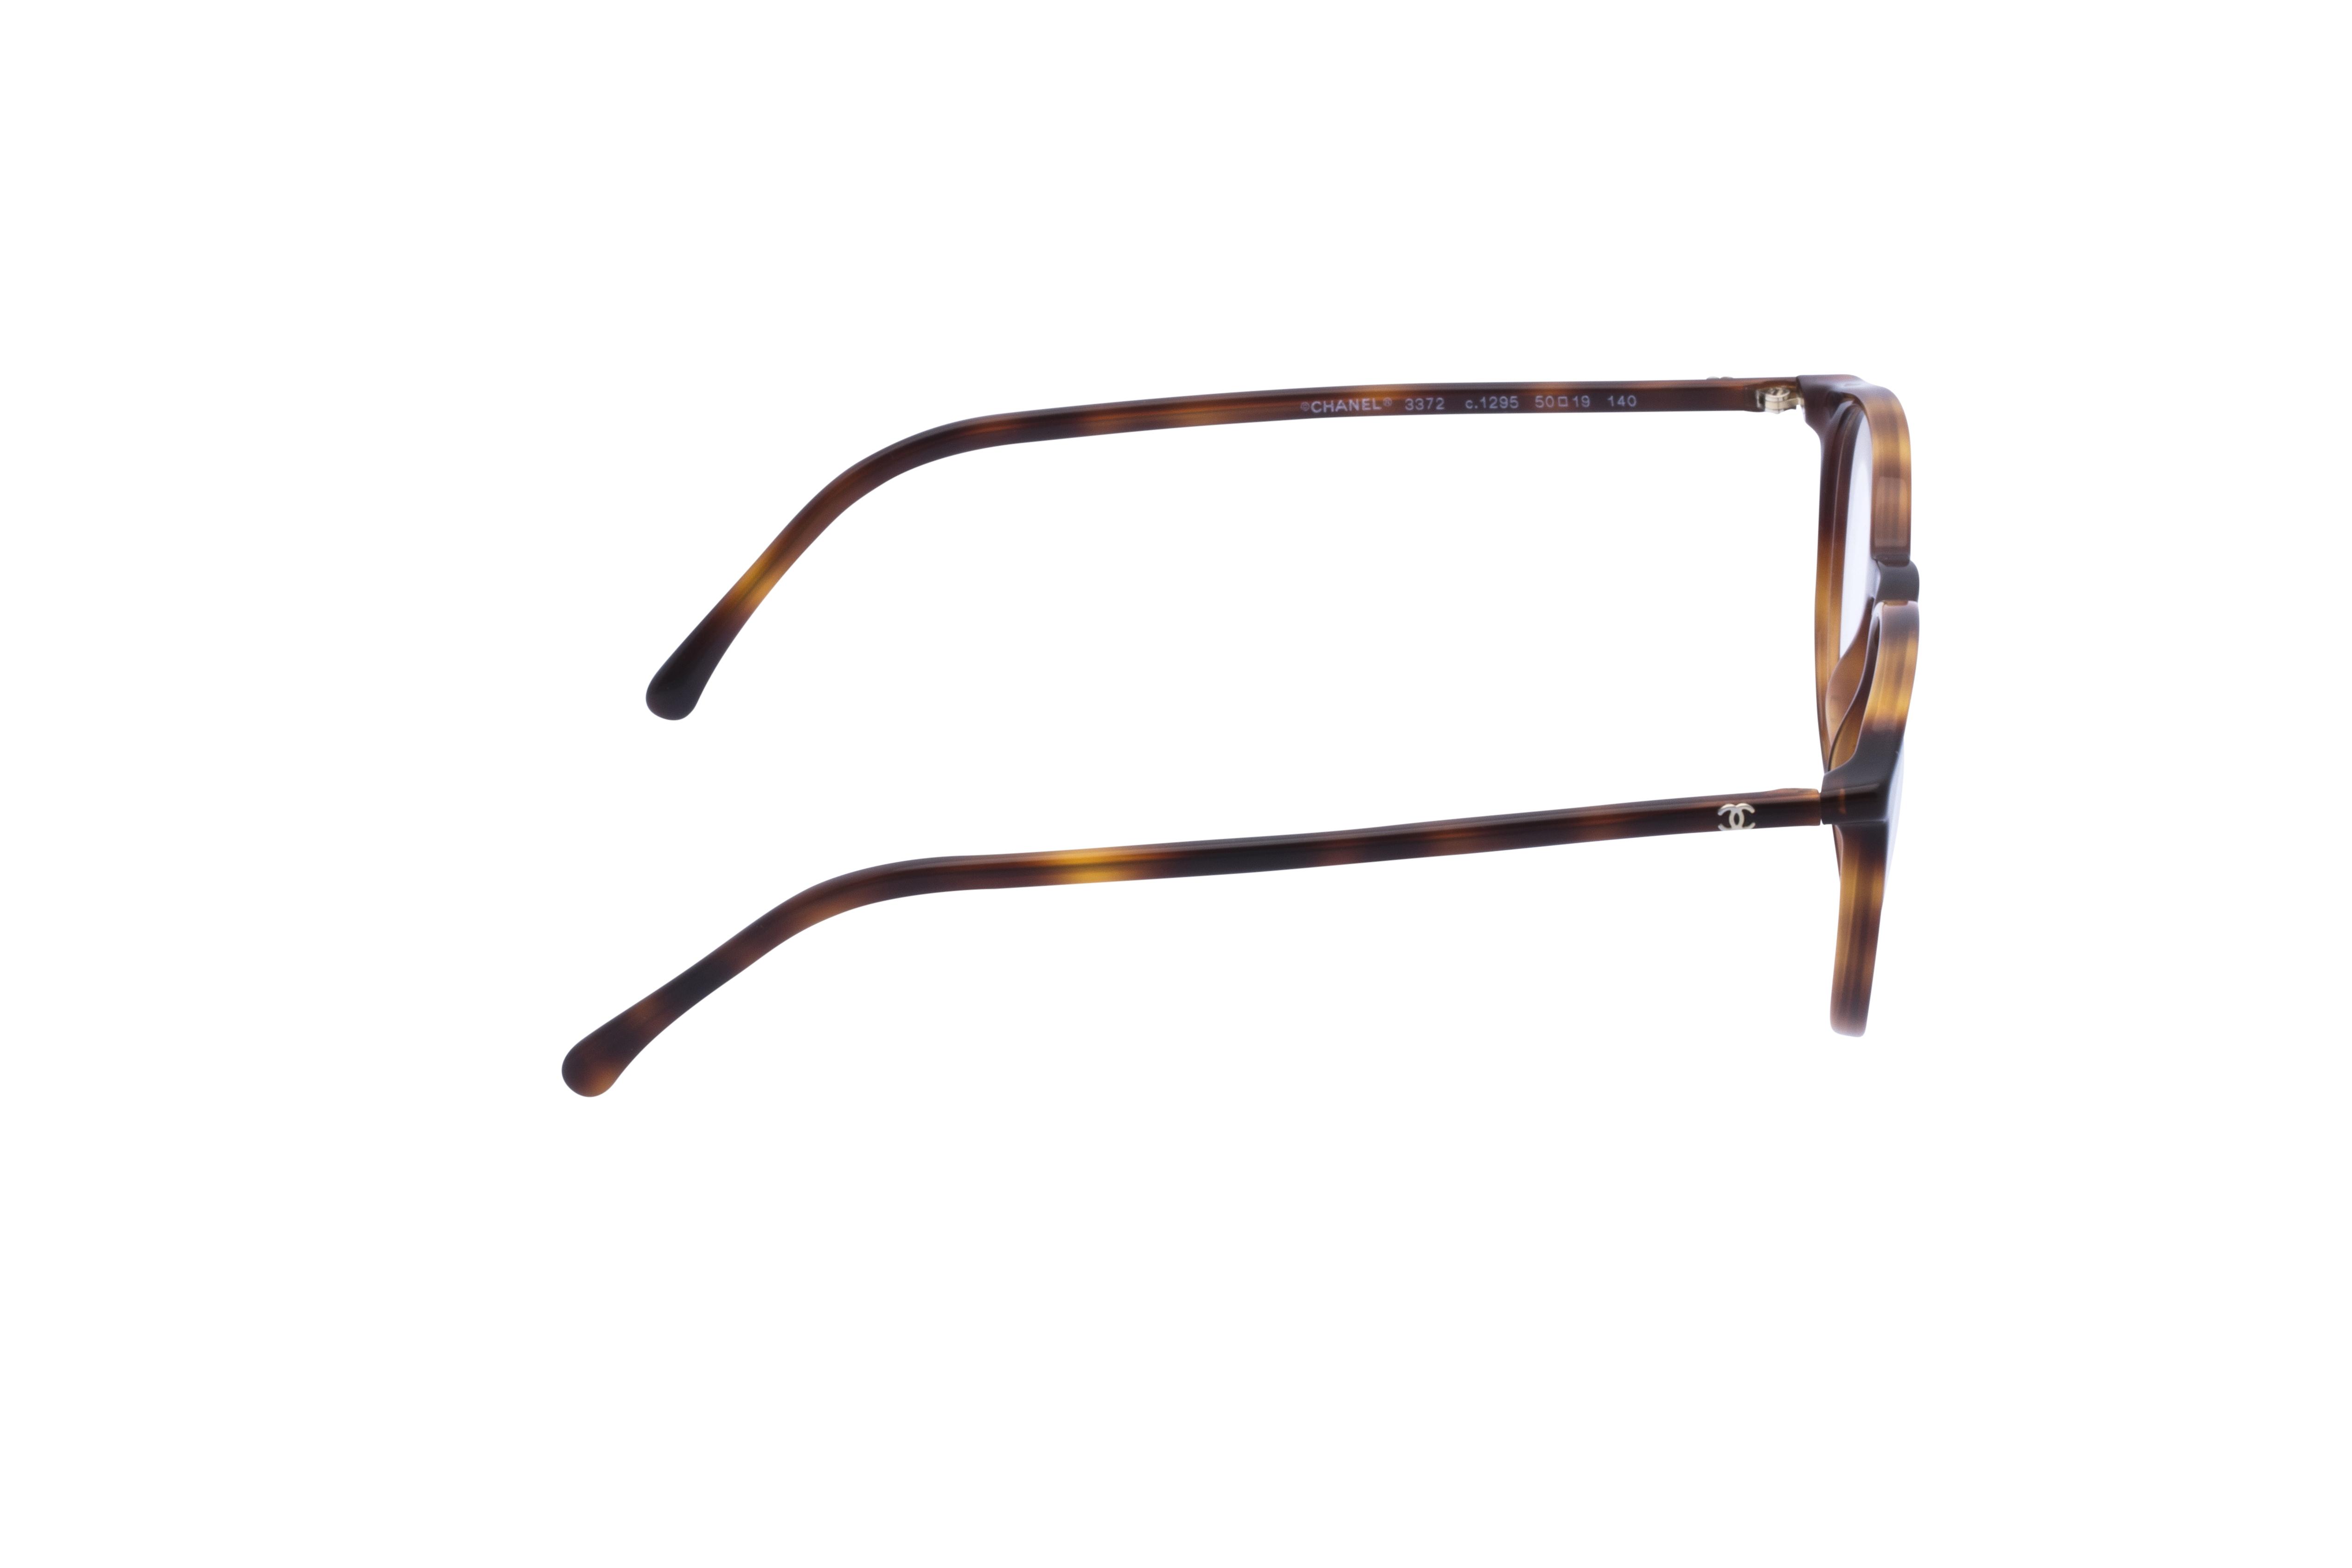 360 Grad Ansicht 6 Chanel 3372 Frontansicht, Brille auf Weiß - Fassung bei KUNK